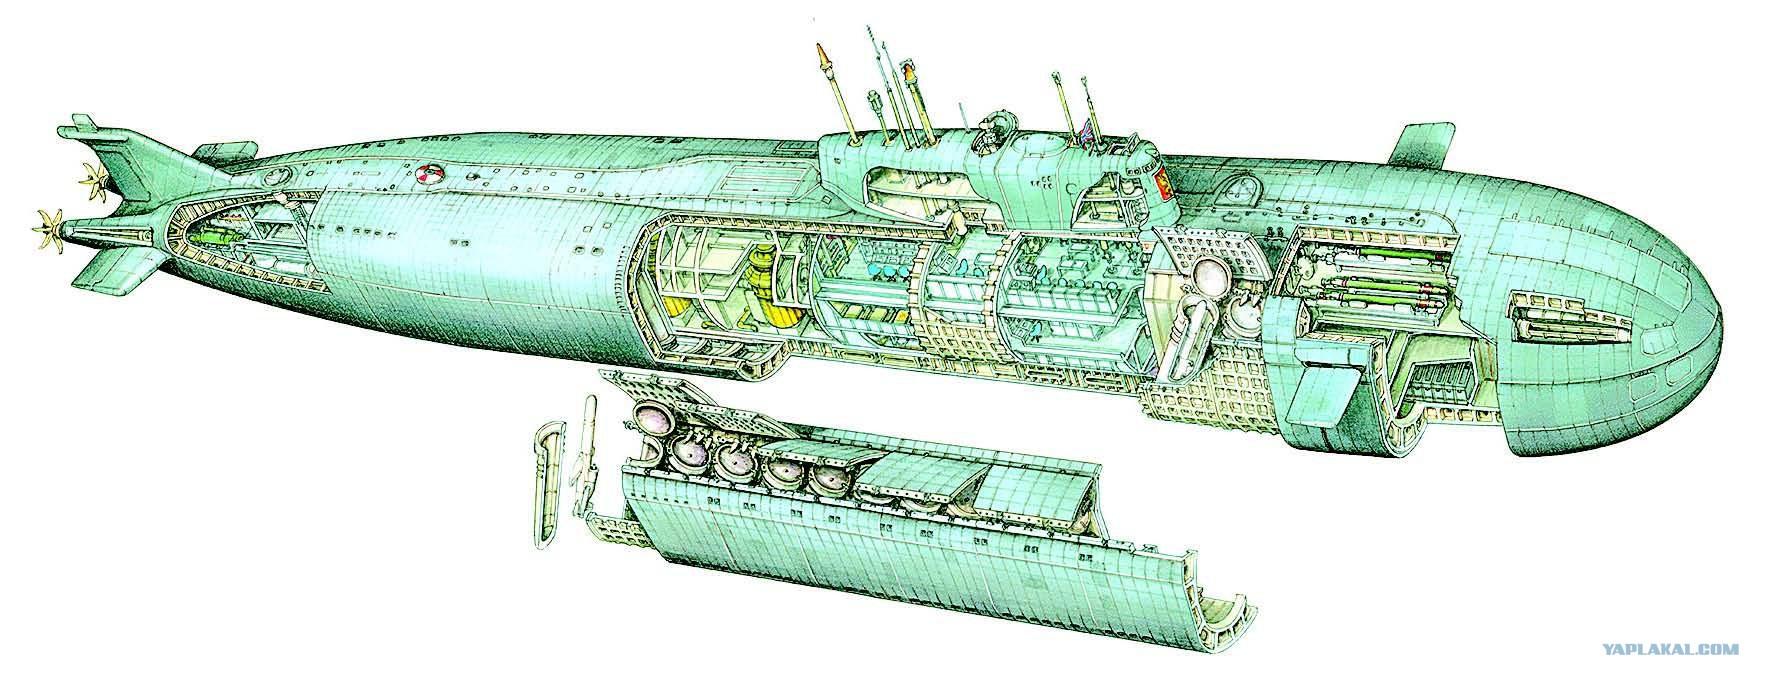 Konstantin, Тюнинг ПВХ лодки